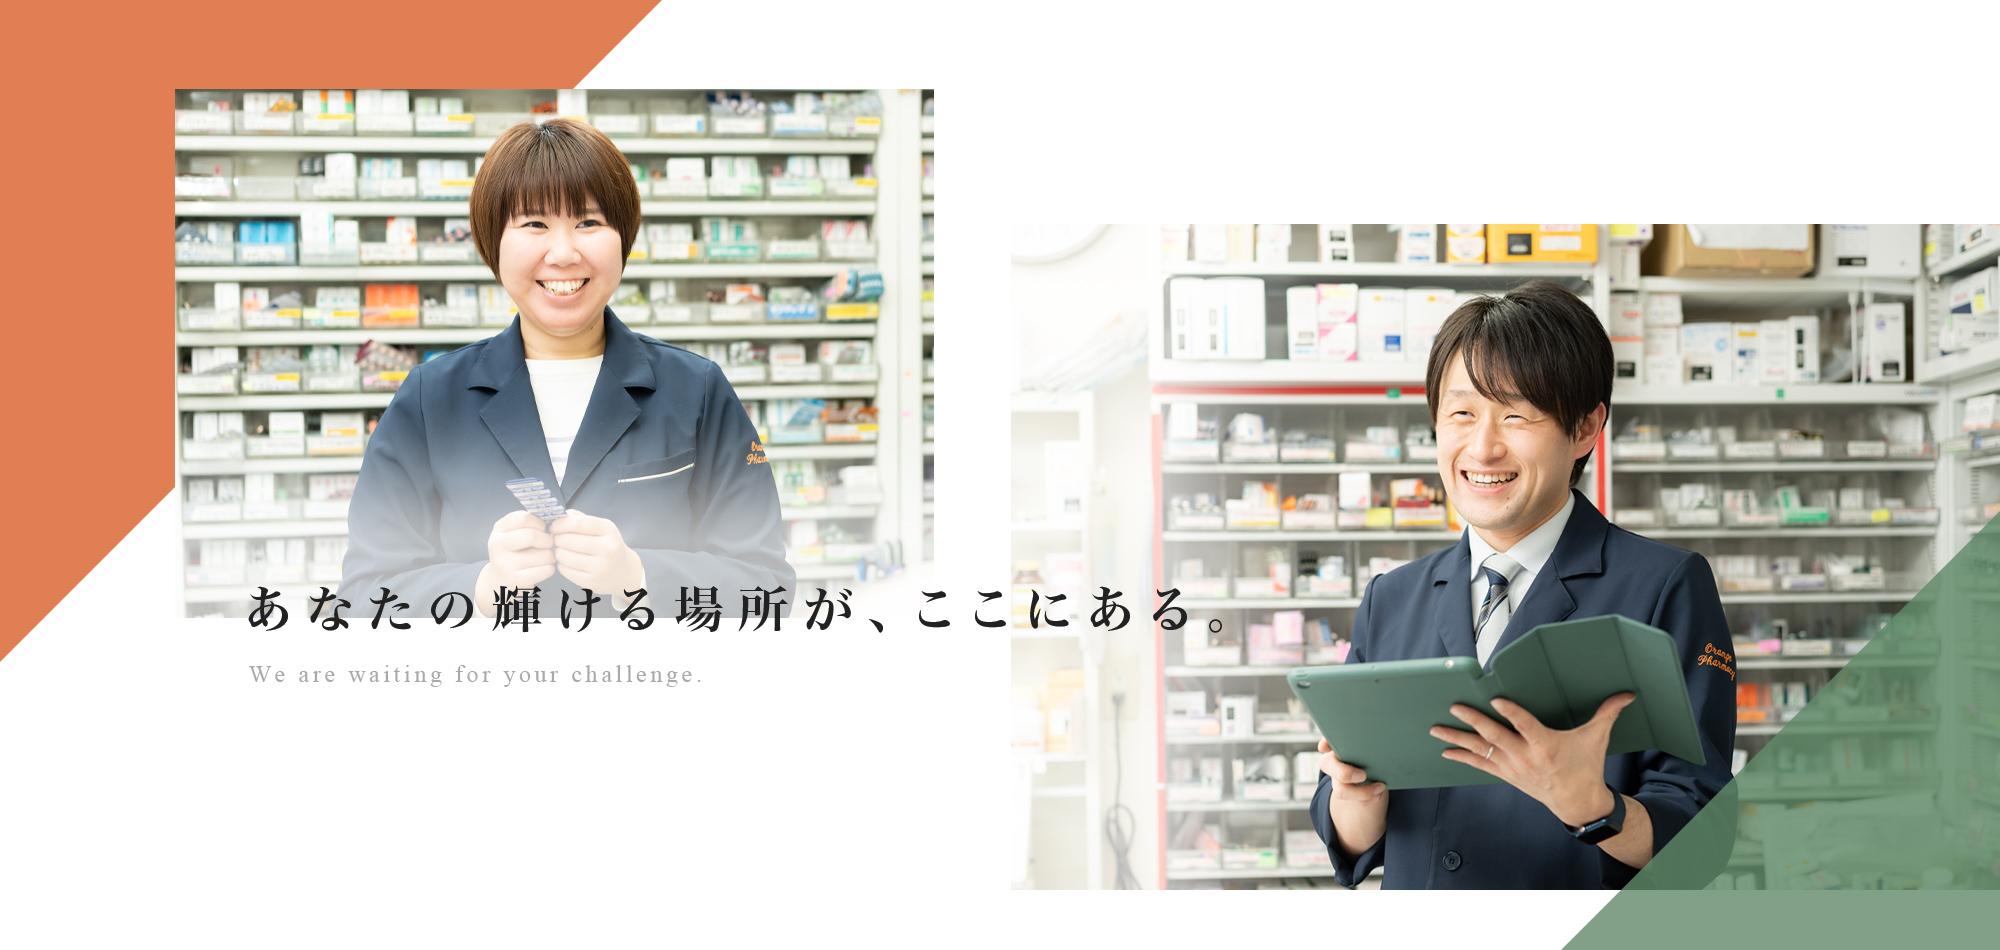 地域医療の未来を、私たちの手で